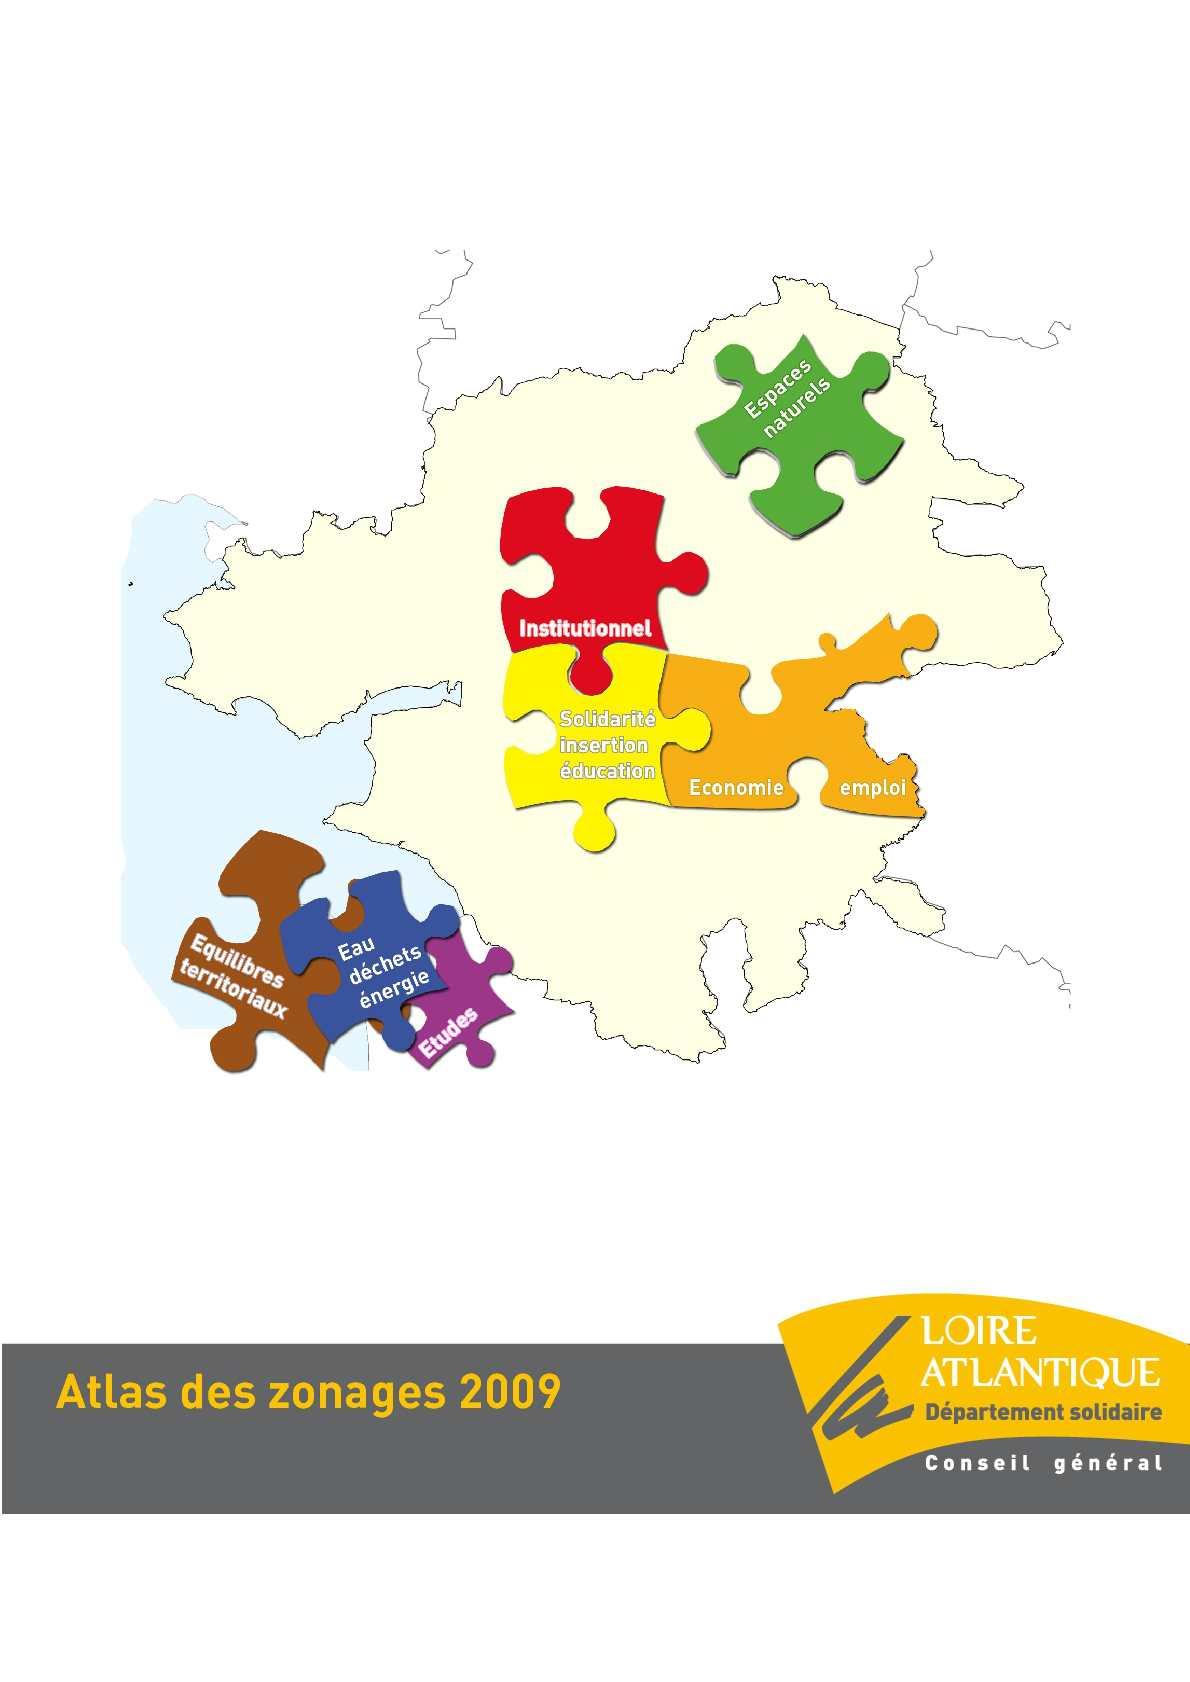 Calam o atlas des zonages de la loire atlantique for Garage ad loire atlantique